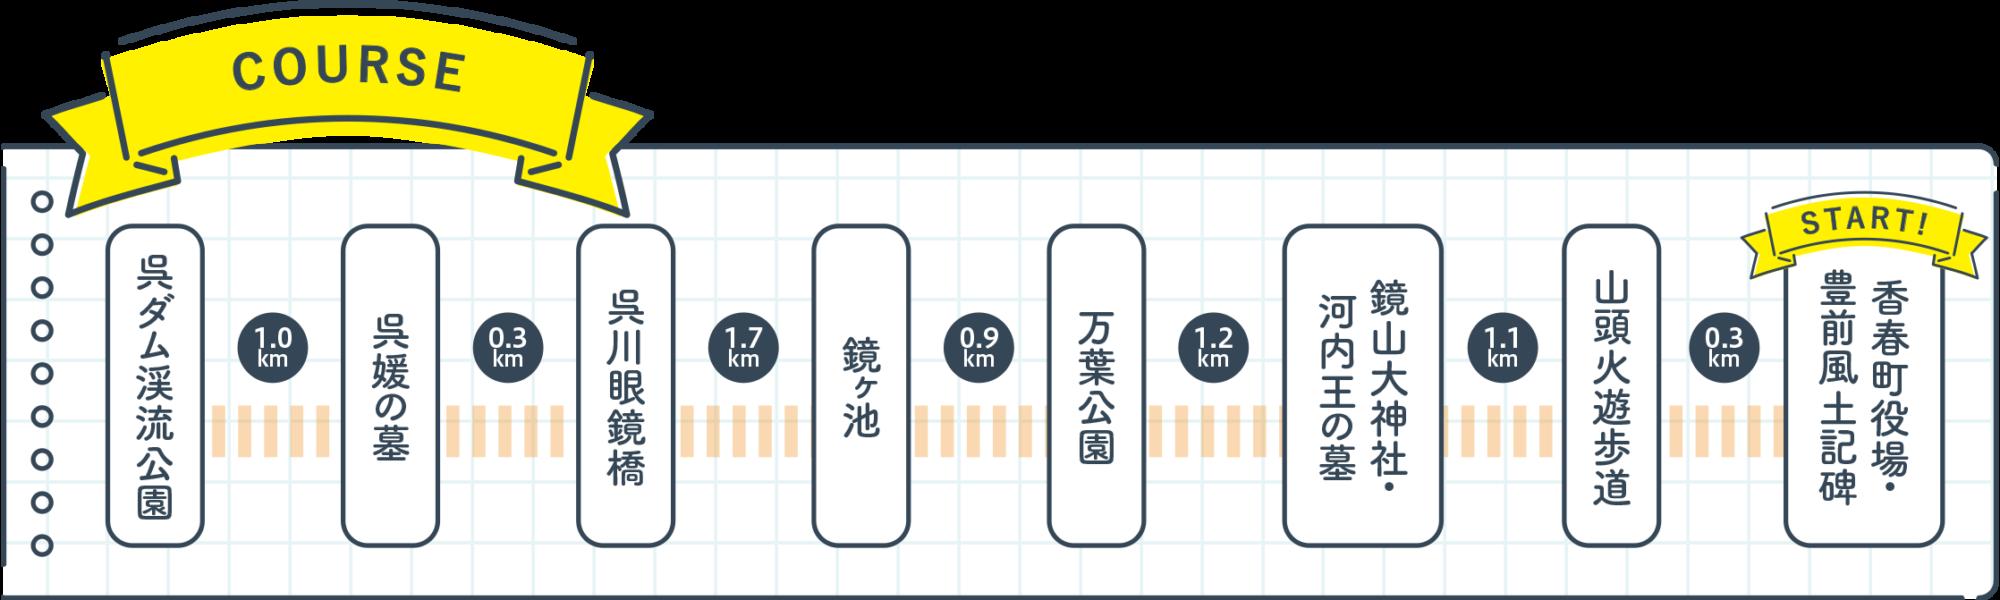 モデルコース10<br />コースマップ